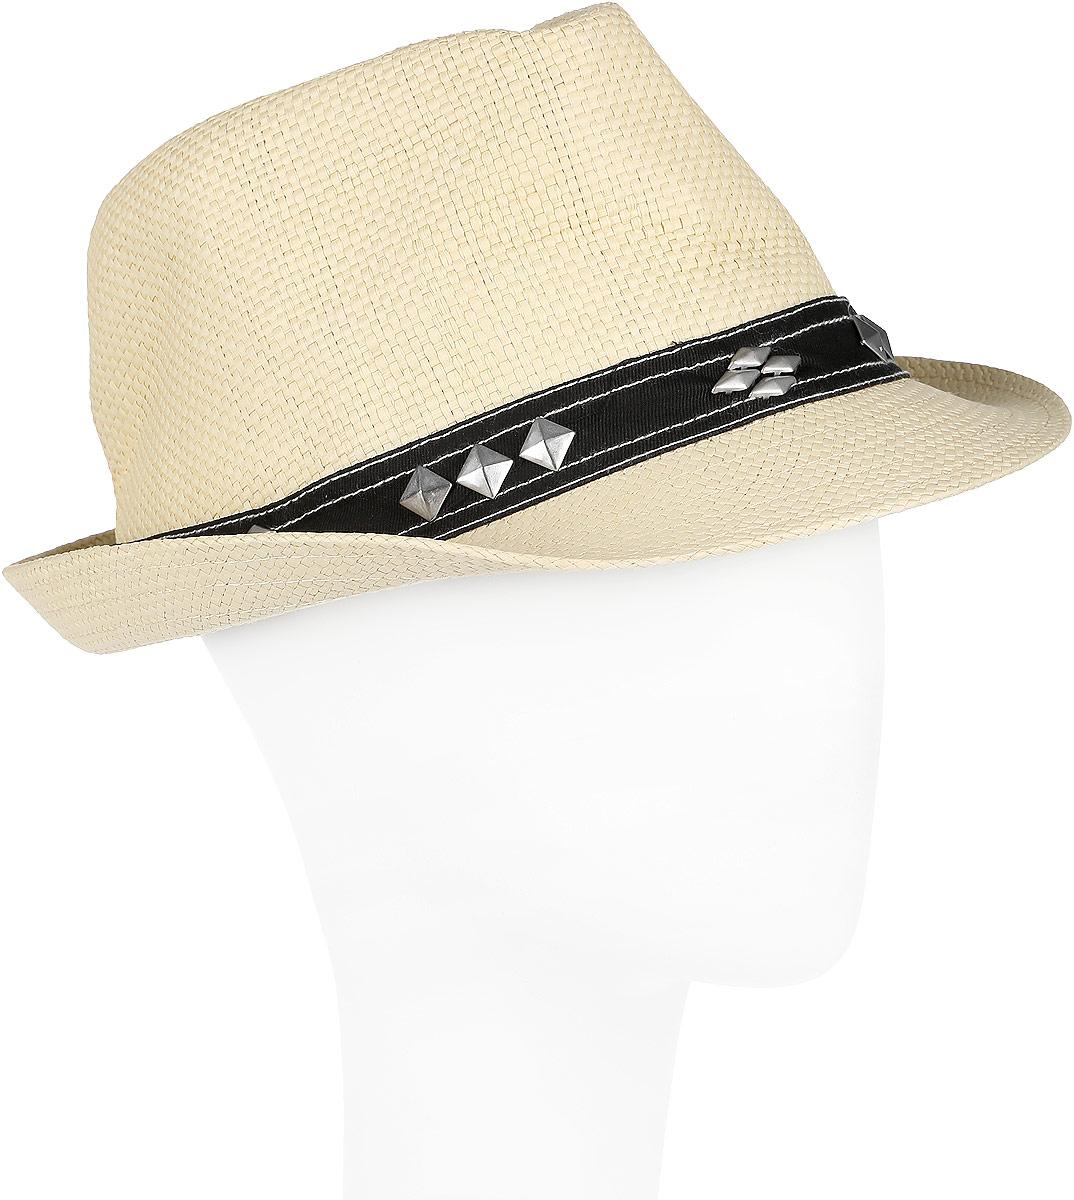 Шляпа мужская Canoe Sam, цвет: светло-бежевый. 1962100. Размер 591962100Летняя шляпа Canoe Sam имеет оригинальную фактуру и непременно украсит любой наряд.Шляпа из искусственной соломы декорирована ковбойской лентой с металлическими элементами вокруг тульи. Благодаря своей форме, шляпа удобно садится по голове и подойдет к любому стилю. Шляпа легко восстанавливает свою форму после сжатия. Такая шляпа подчеркнет вашу неповторимость и дополнит ваш повседневный образ.